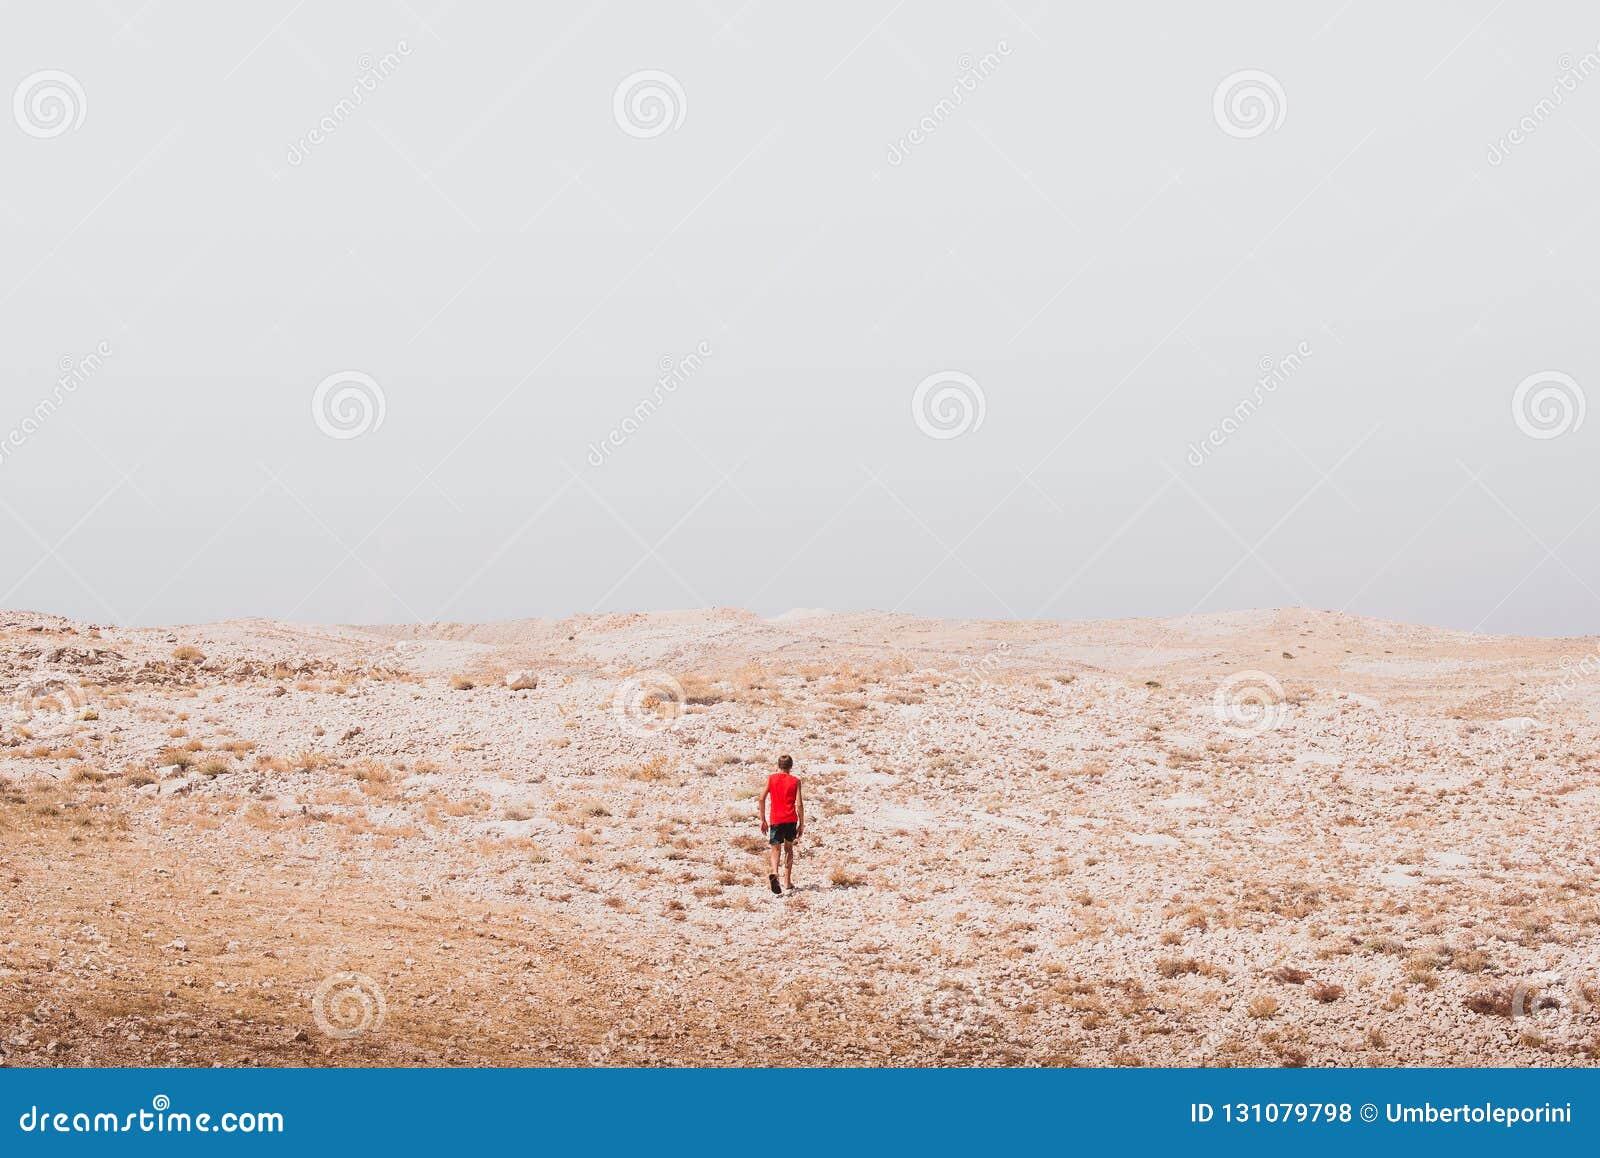 探索-偏僻人走在岩石沙漠自由和冒险生活方式和体育概念